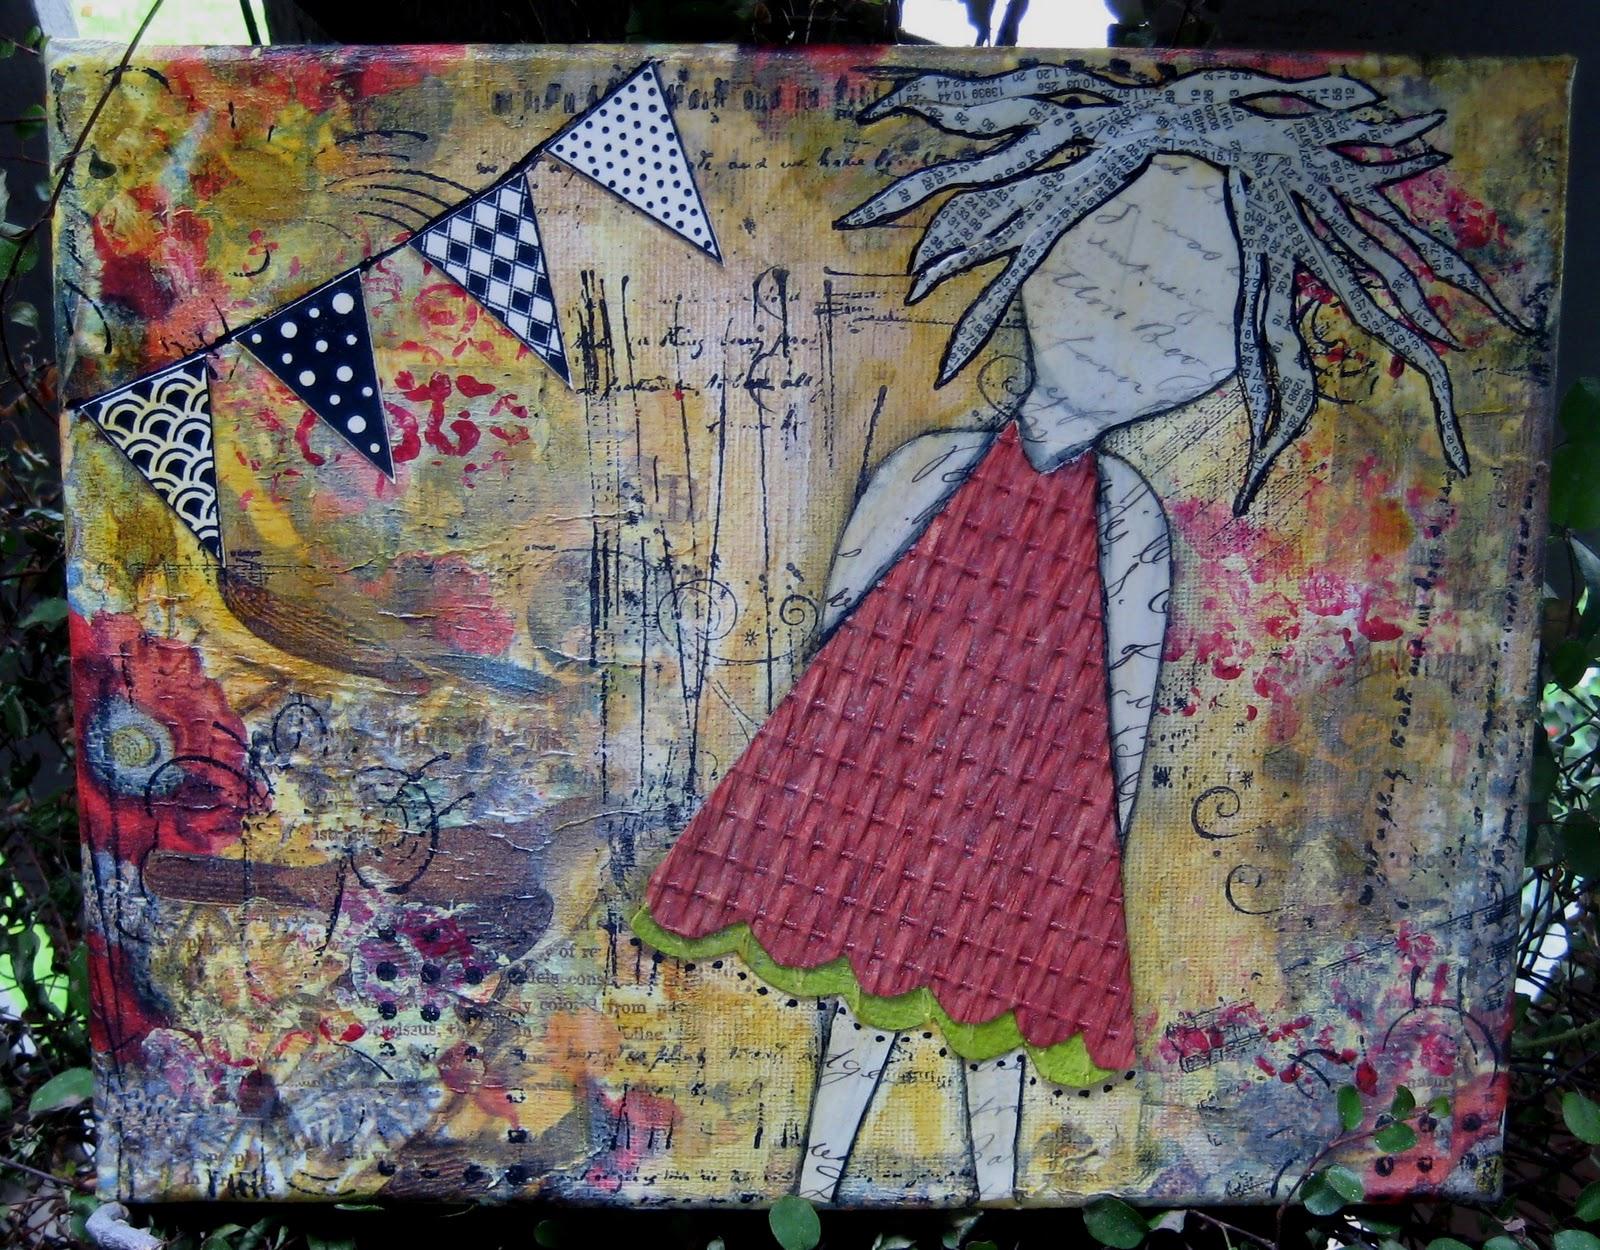 http://4.bp.blogspot.com/-dEIvQLhAme4/TZi8f4oVWmI/AAAAAAAAKSM/Fp8MUKKbegI/s1600/banner+day+girl.jpg